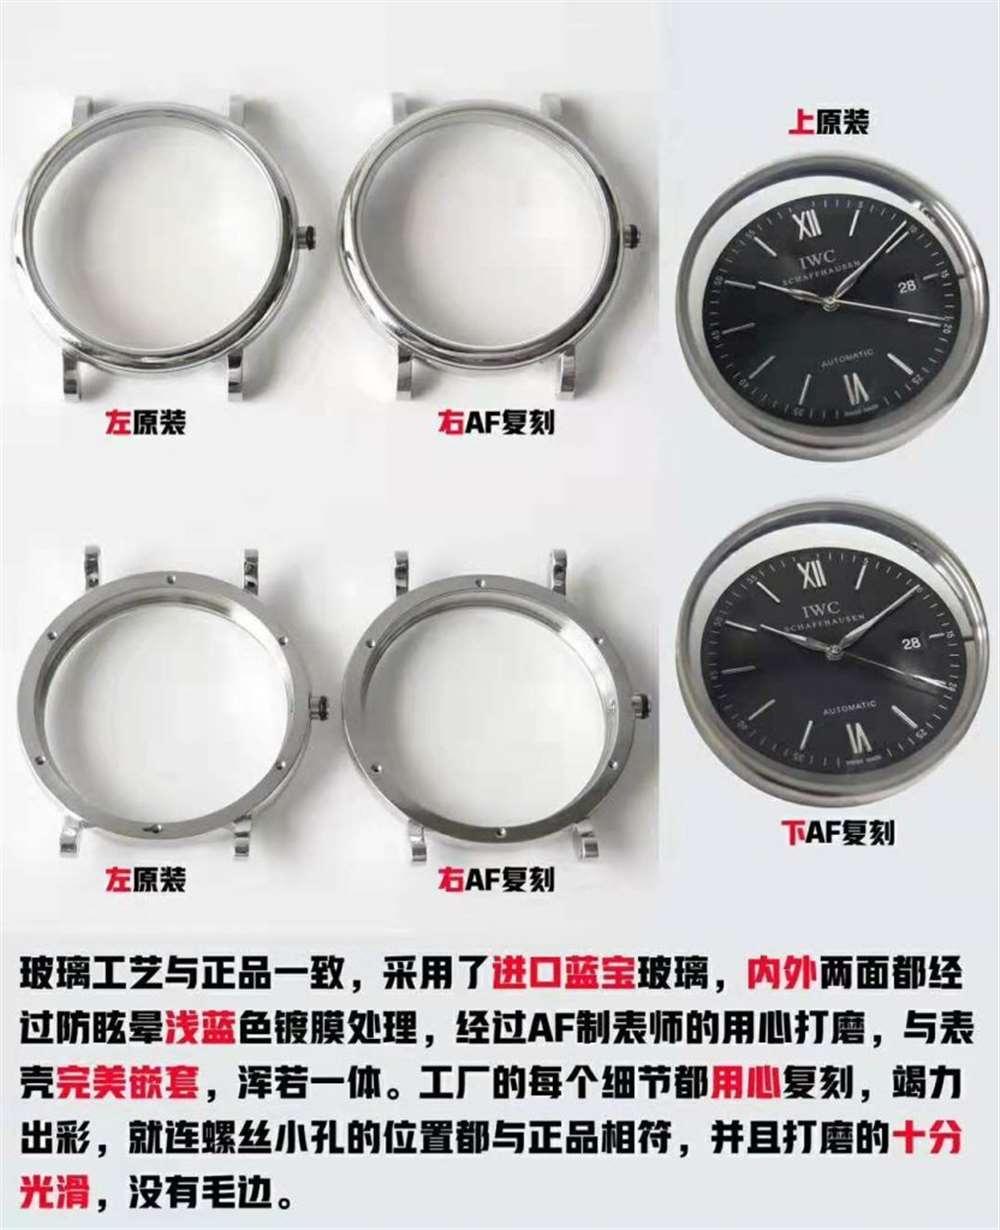 AF厂万国柏涛菲诺356502复刻表对比正品深度评测